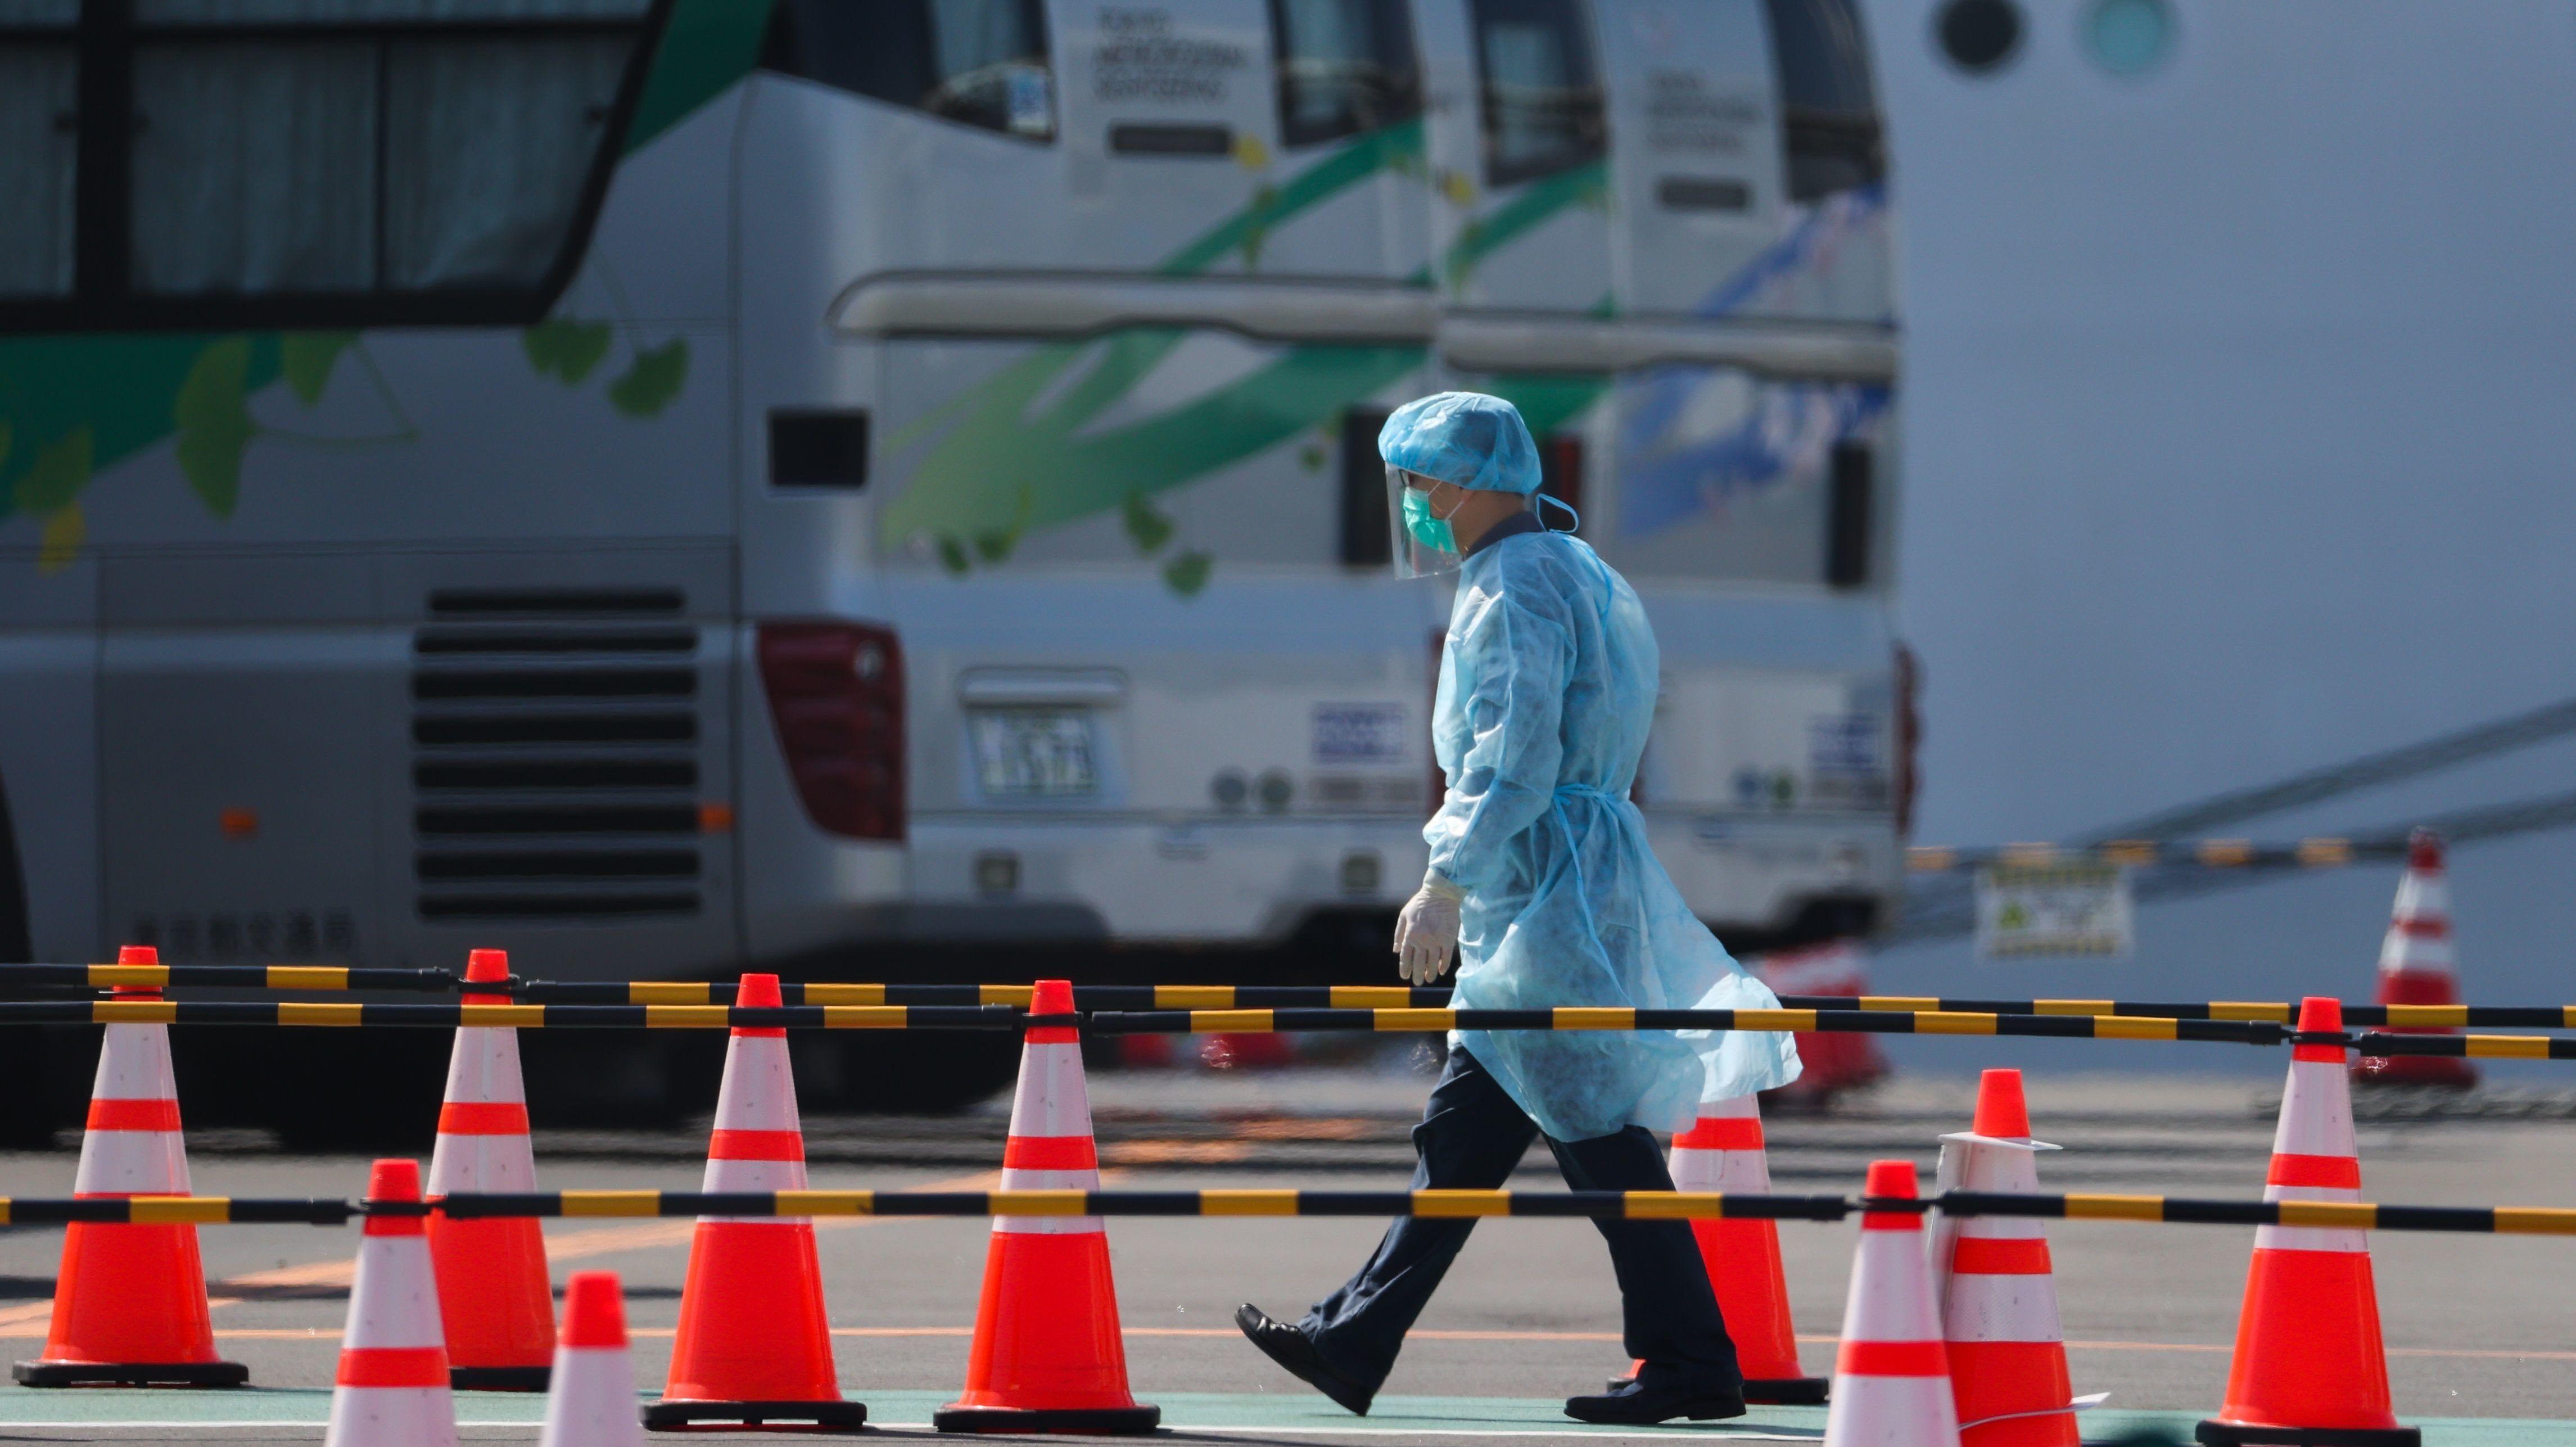 Újabb sporteseményt vittek el Kínából a koronavírus miatt